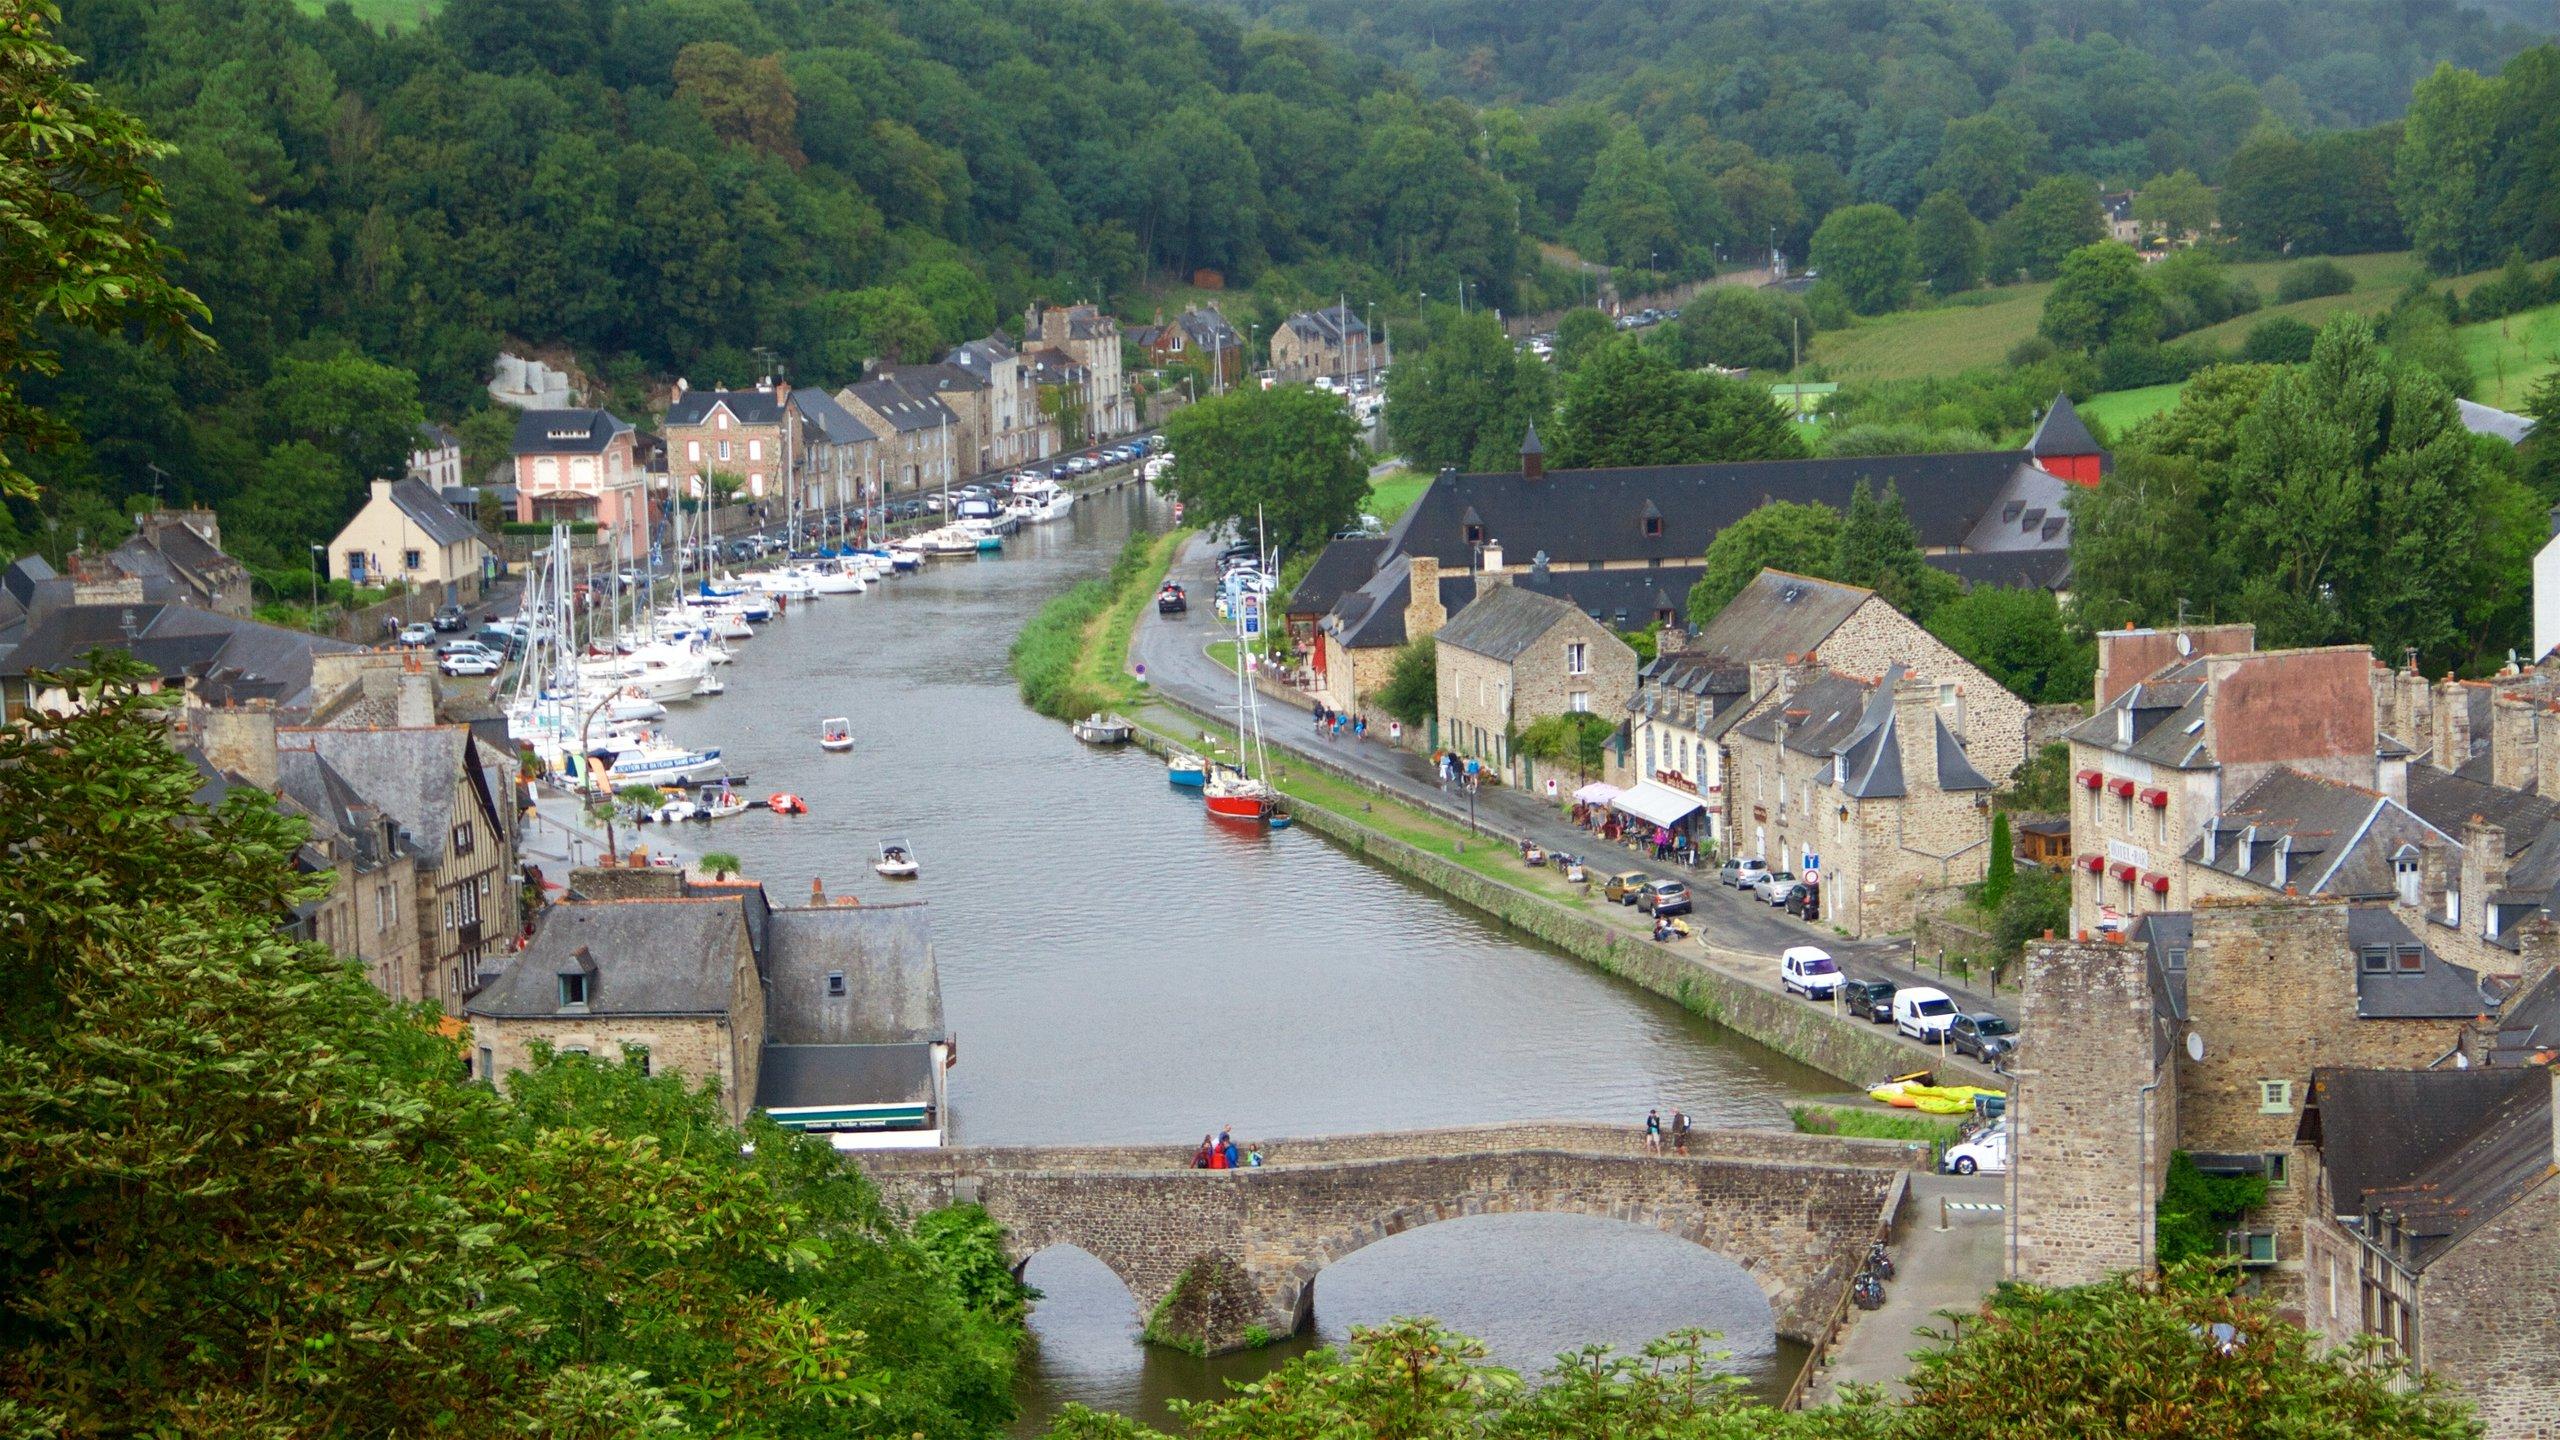 Dinan, Cotes d'Armor, France